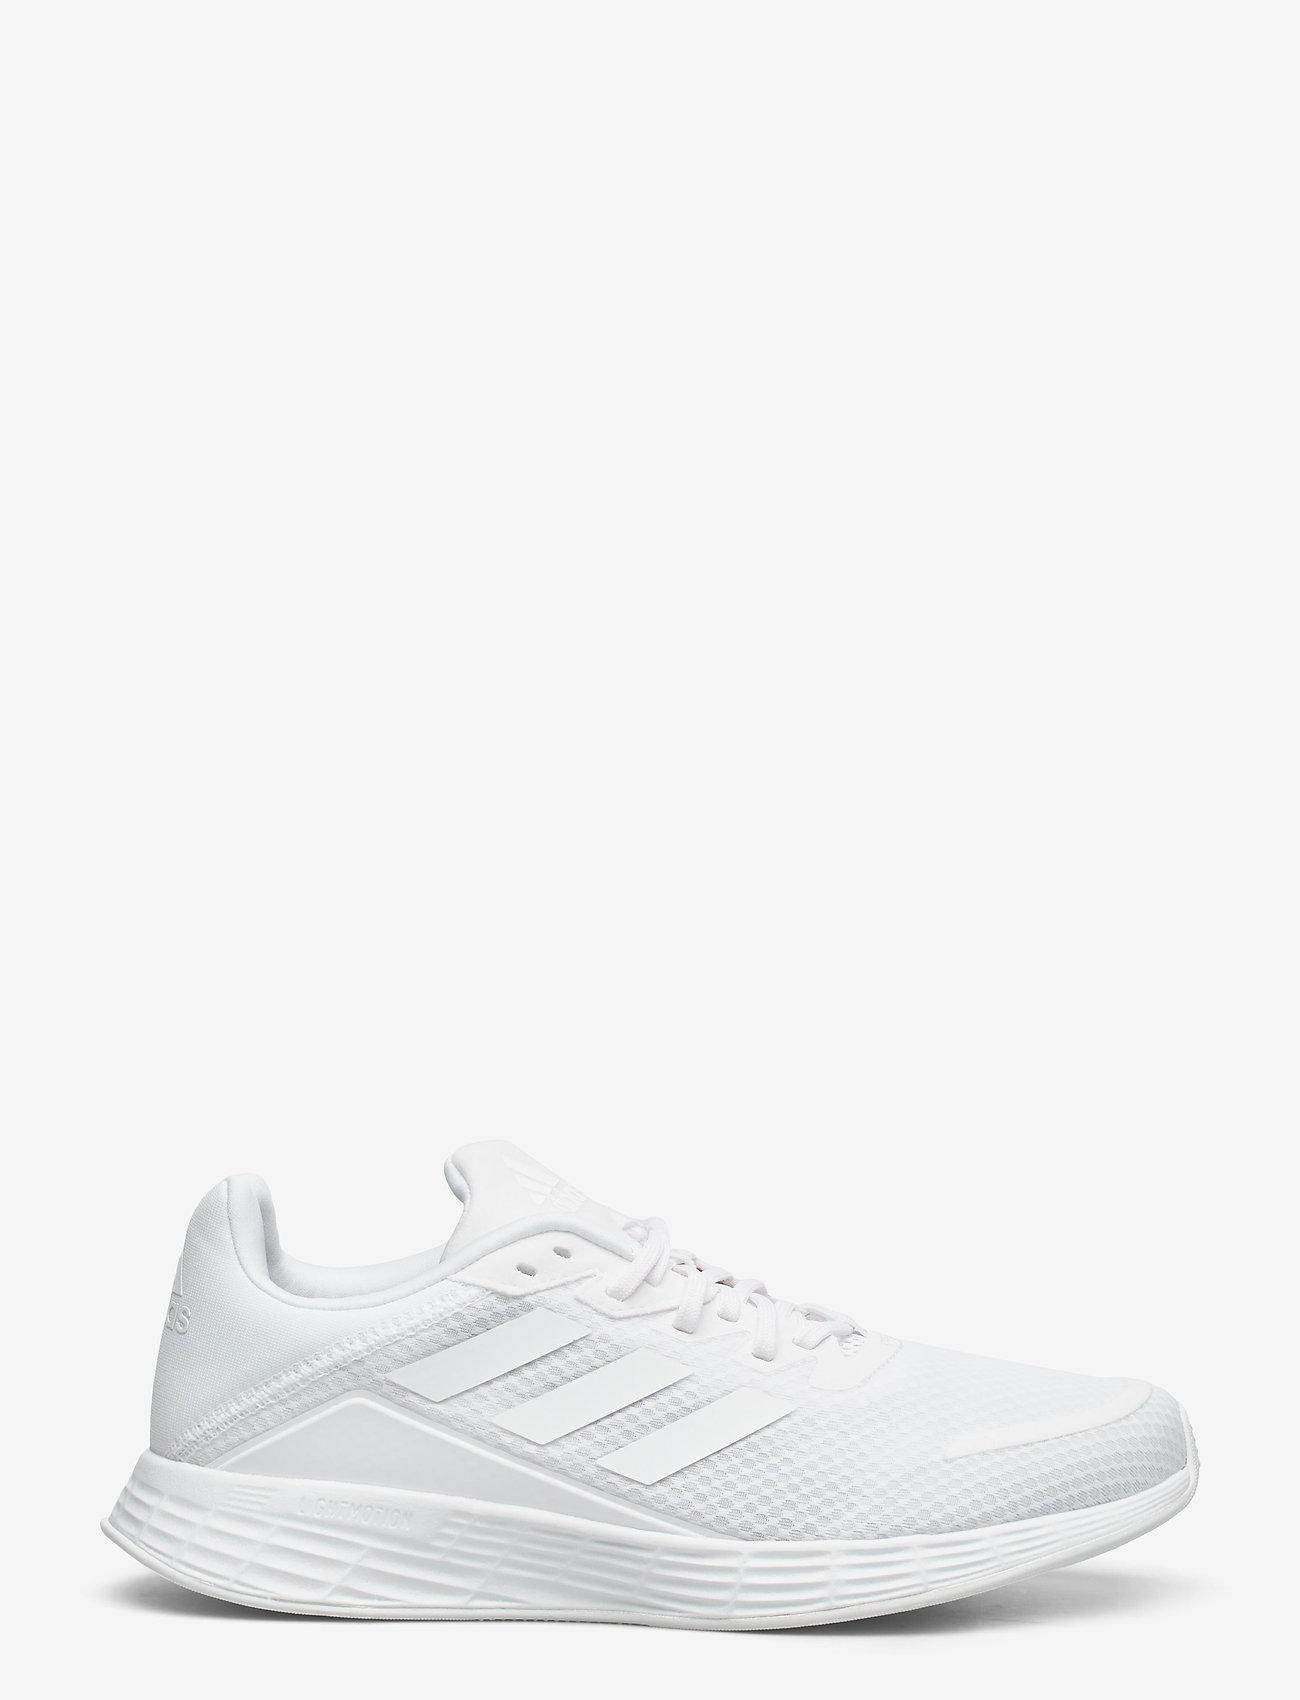 adidas Performance - Duramo SL - löbesko - ftwwht/ftwwht/gretwo - 1